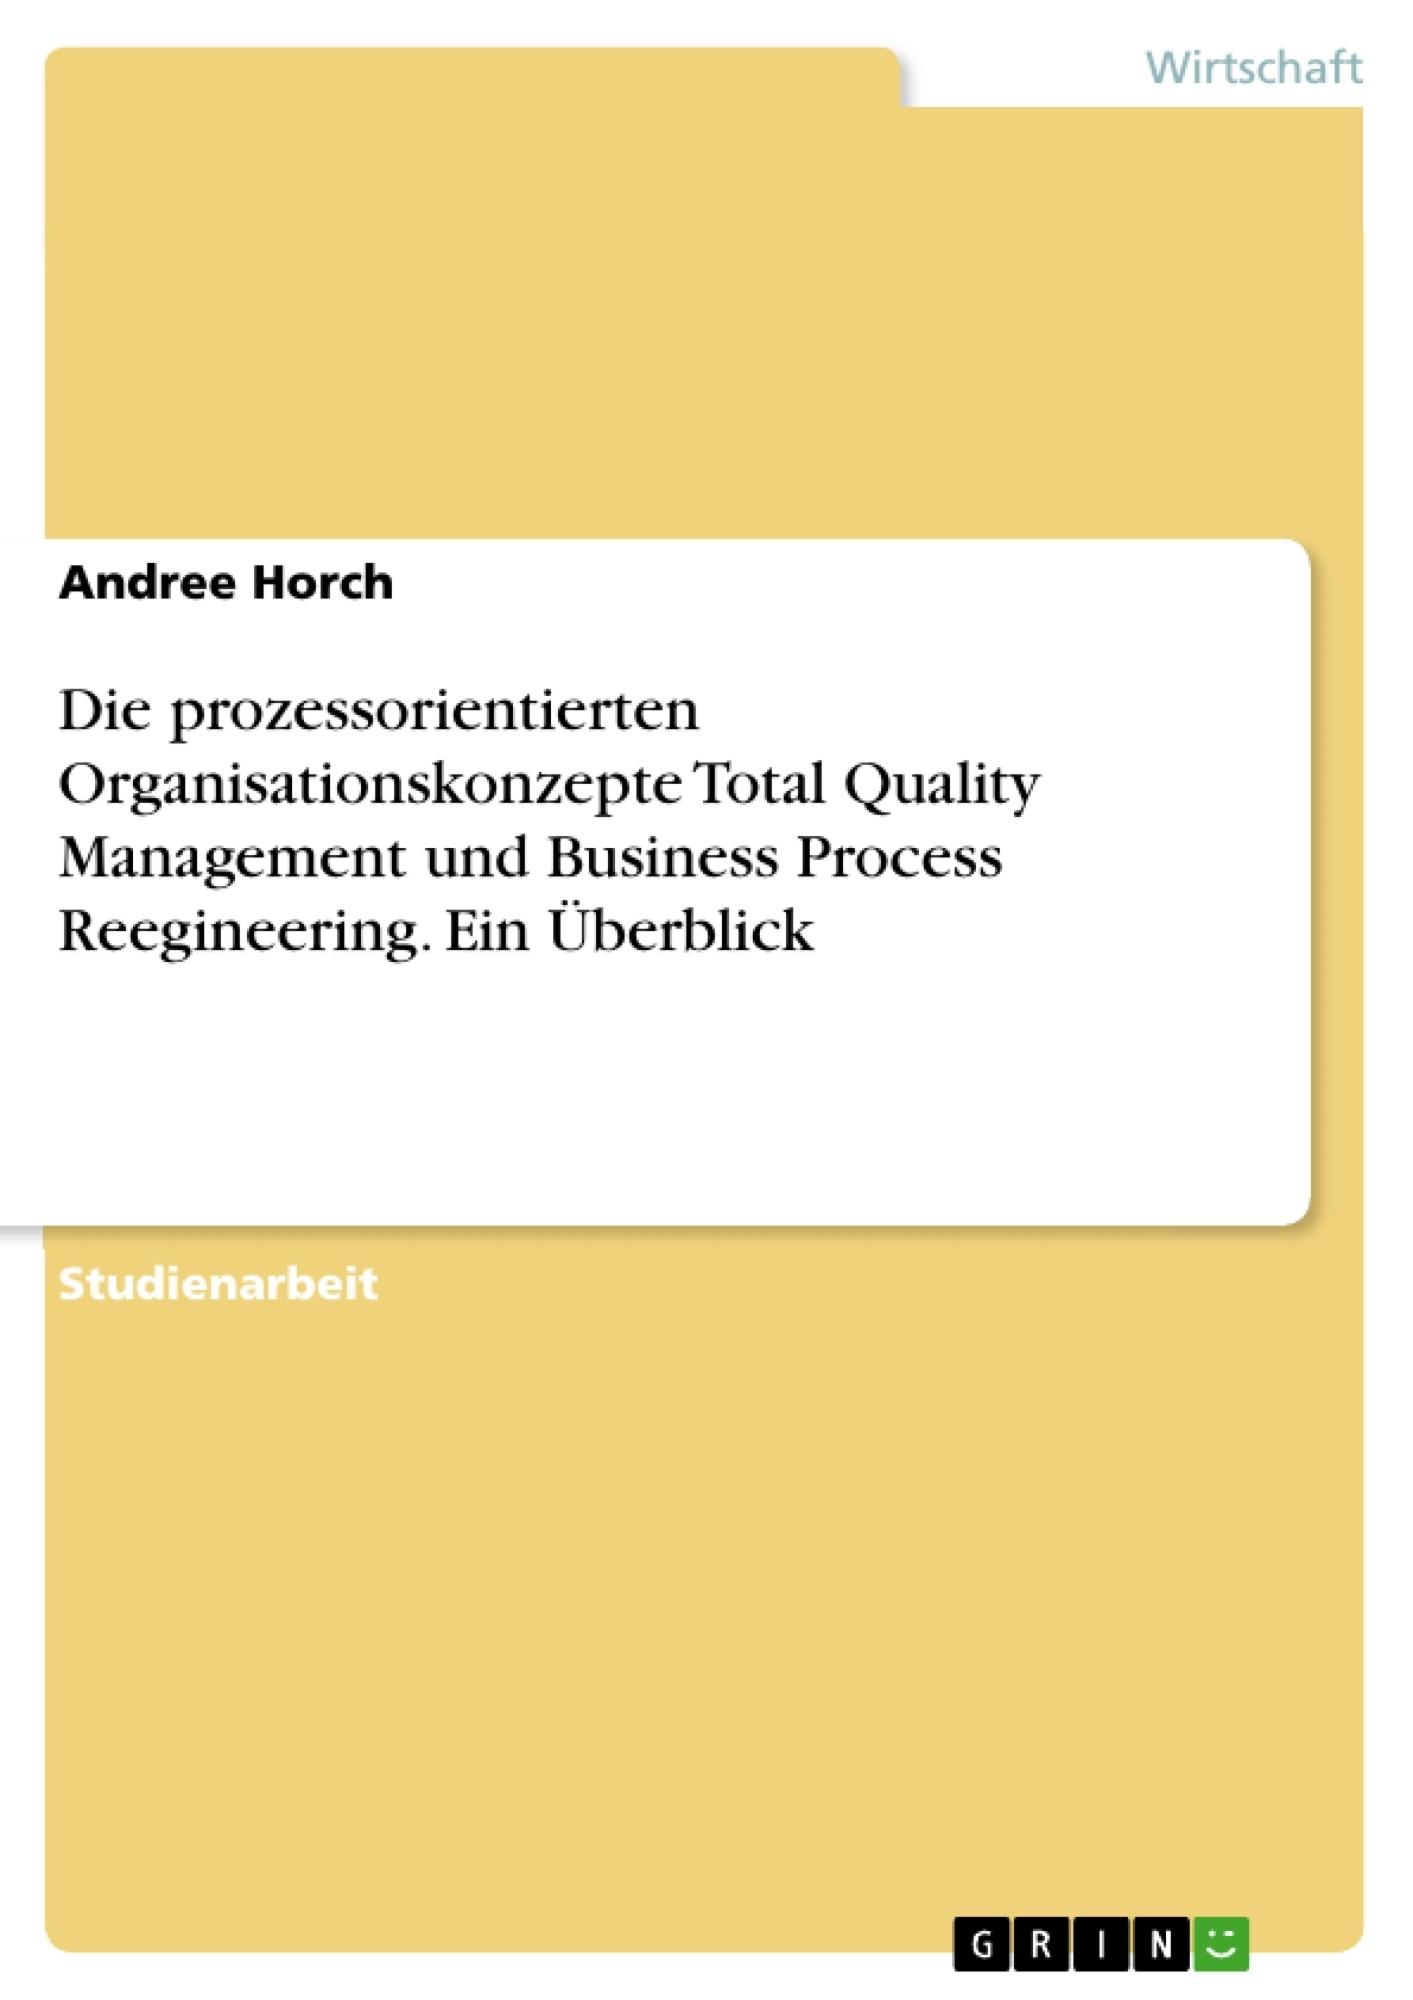 Titel: Die prozessorientierten Organisationskonzepte Total Quality Management und Business Process Reegineering. Ein Überblick